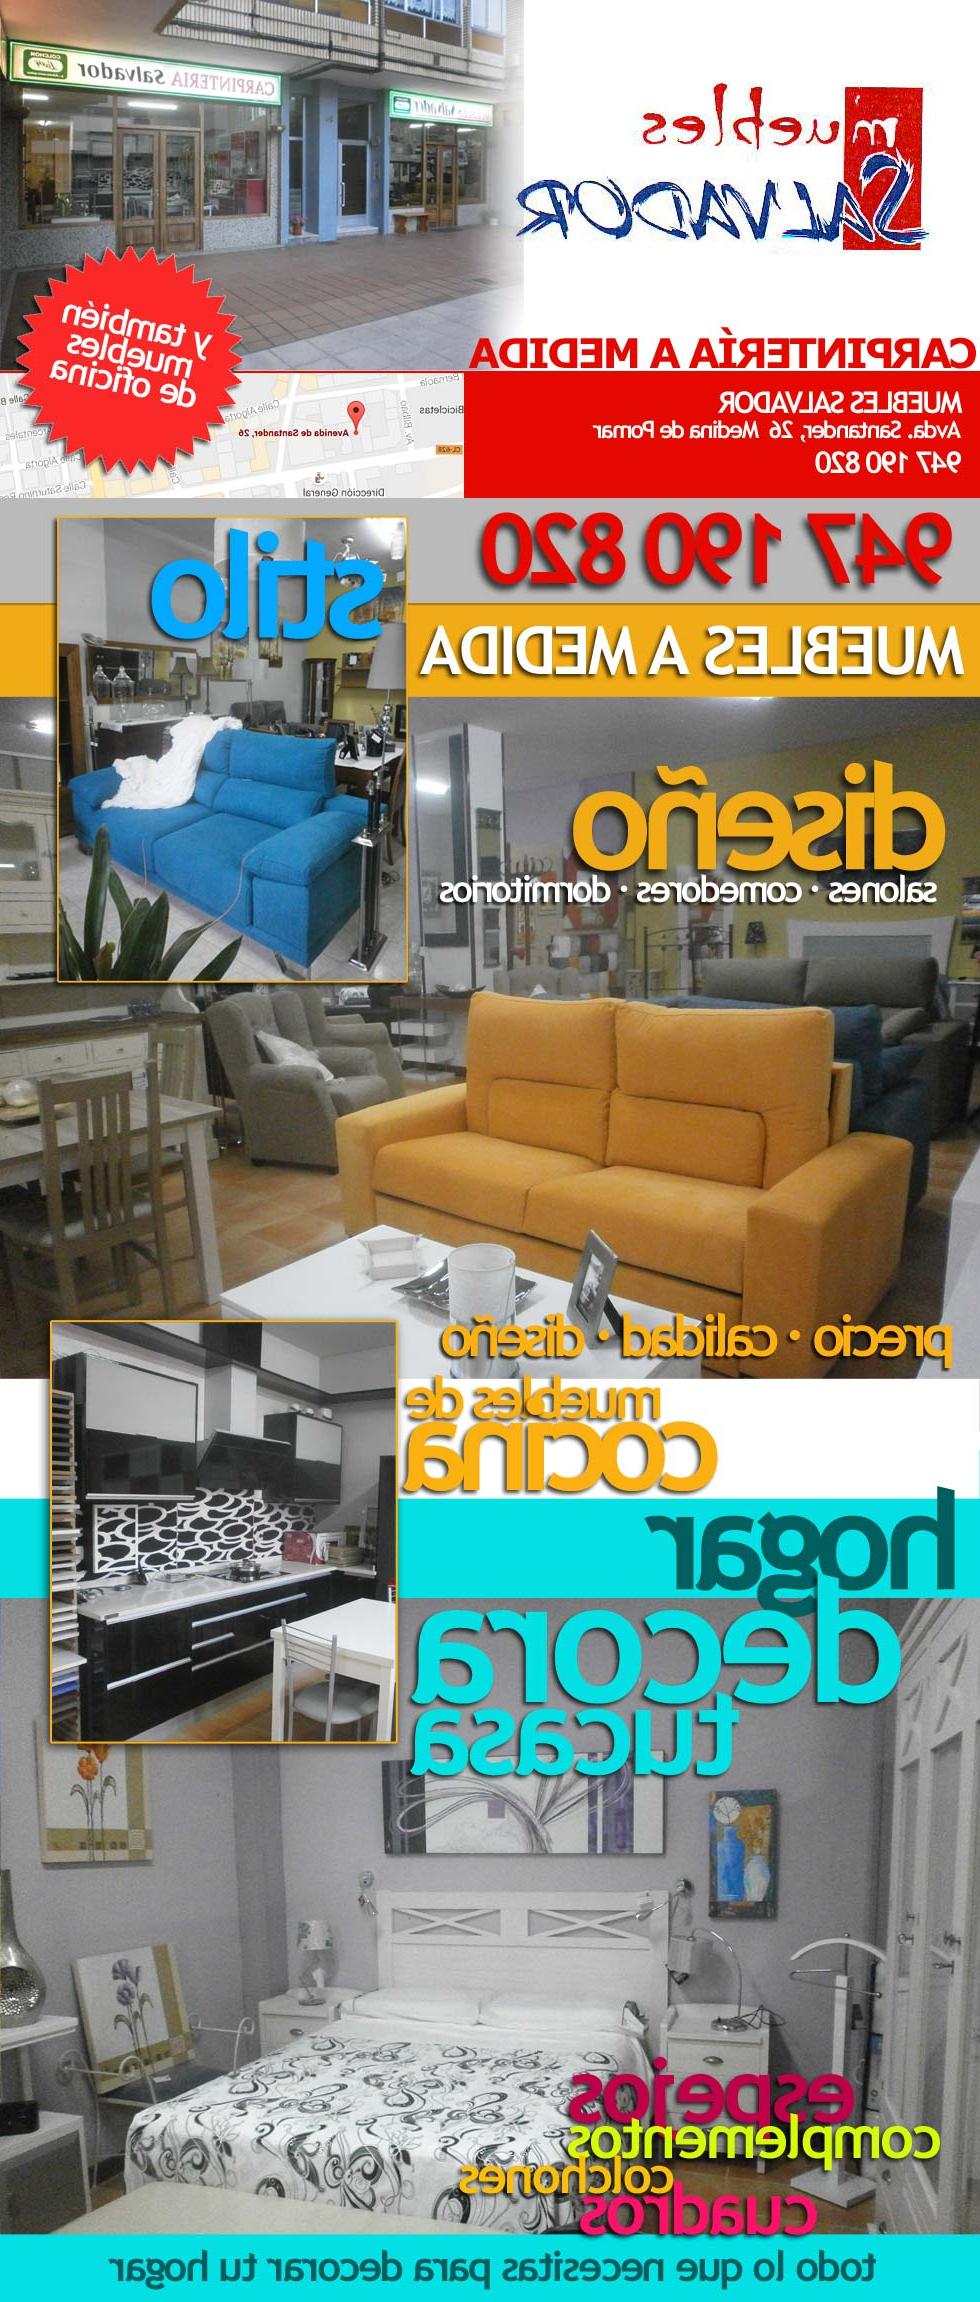 Muebles Salvador Txdf Muebles Salvador Avda Santander 26 Medina De Pomar